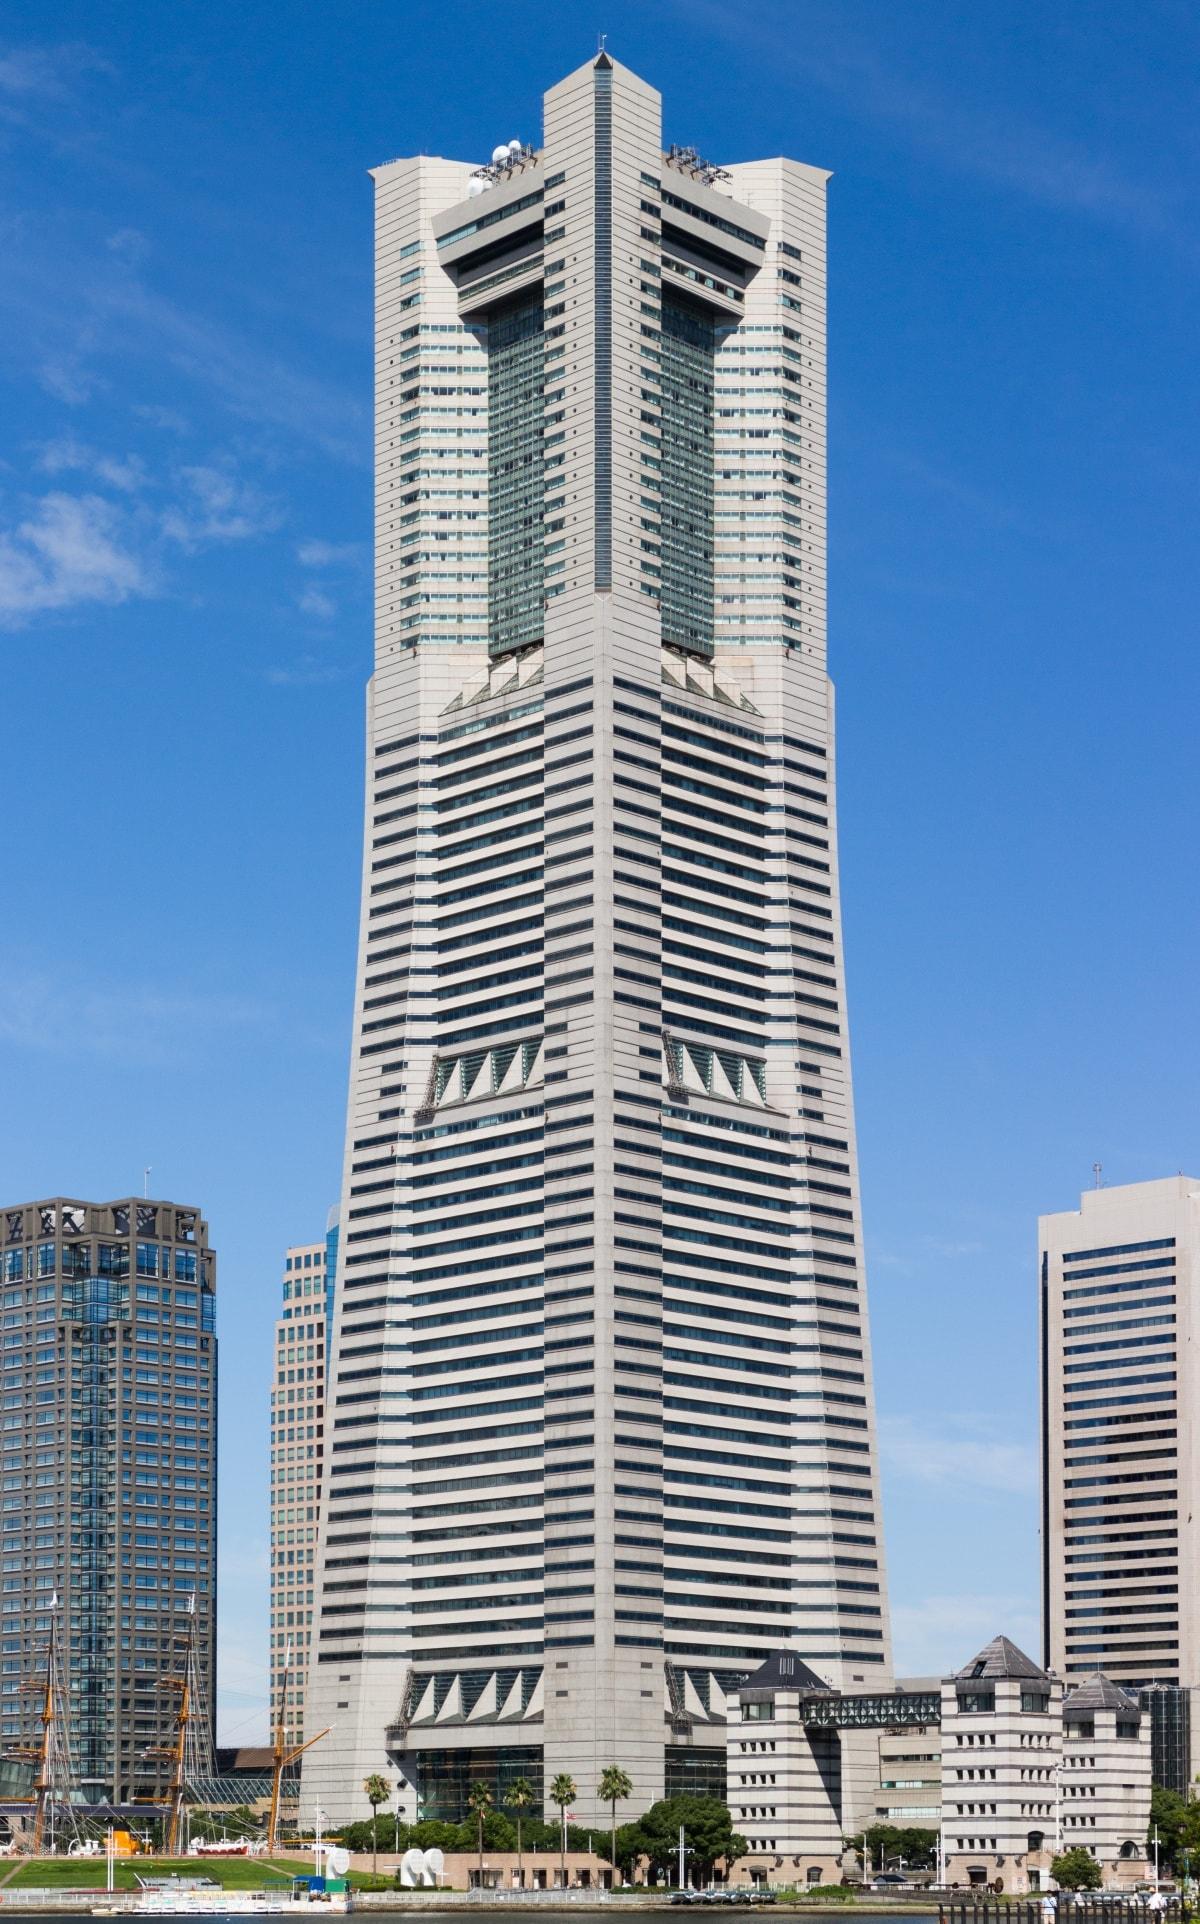 6. ตึก Landmark Tower